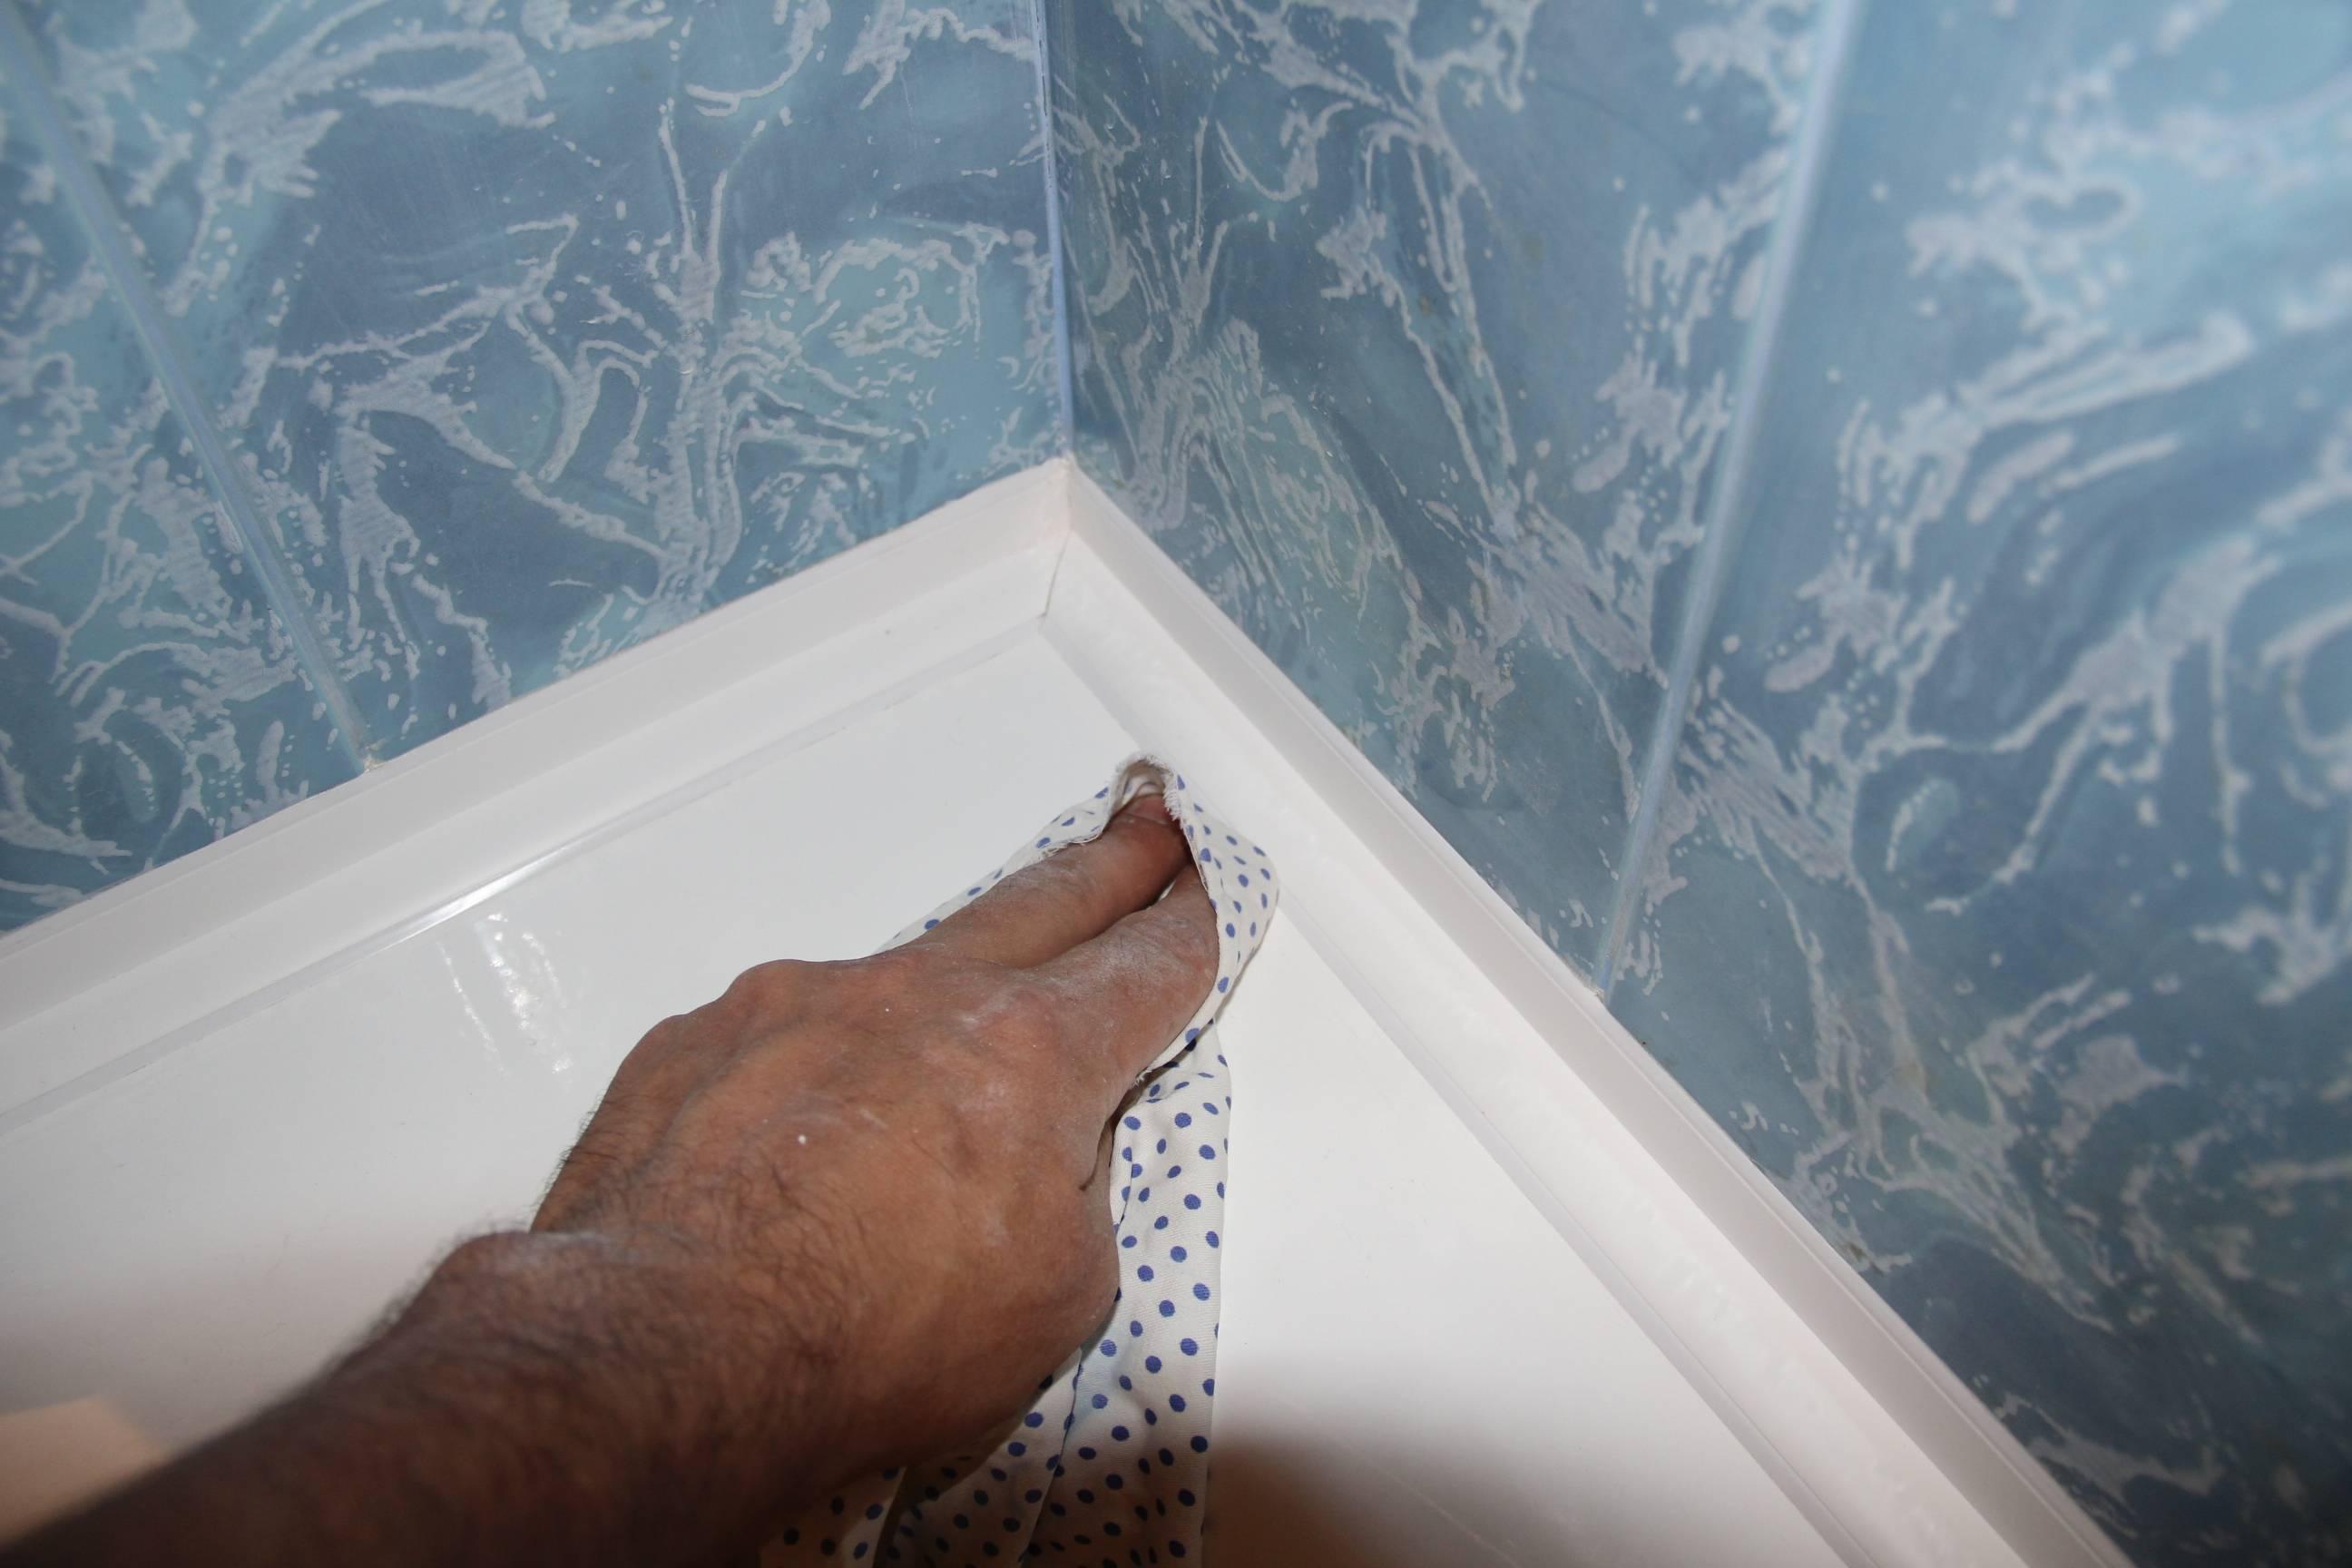 Бордюр для ванны: обзор вариантов и рекомендации по установке